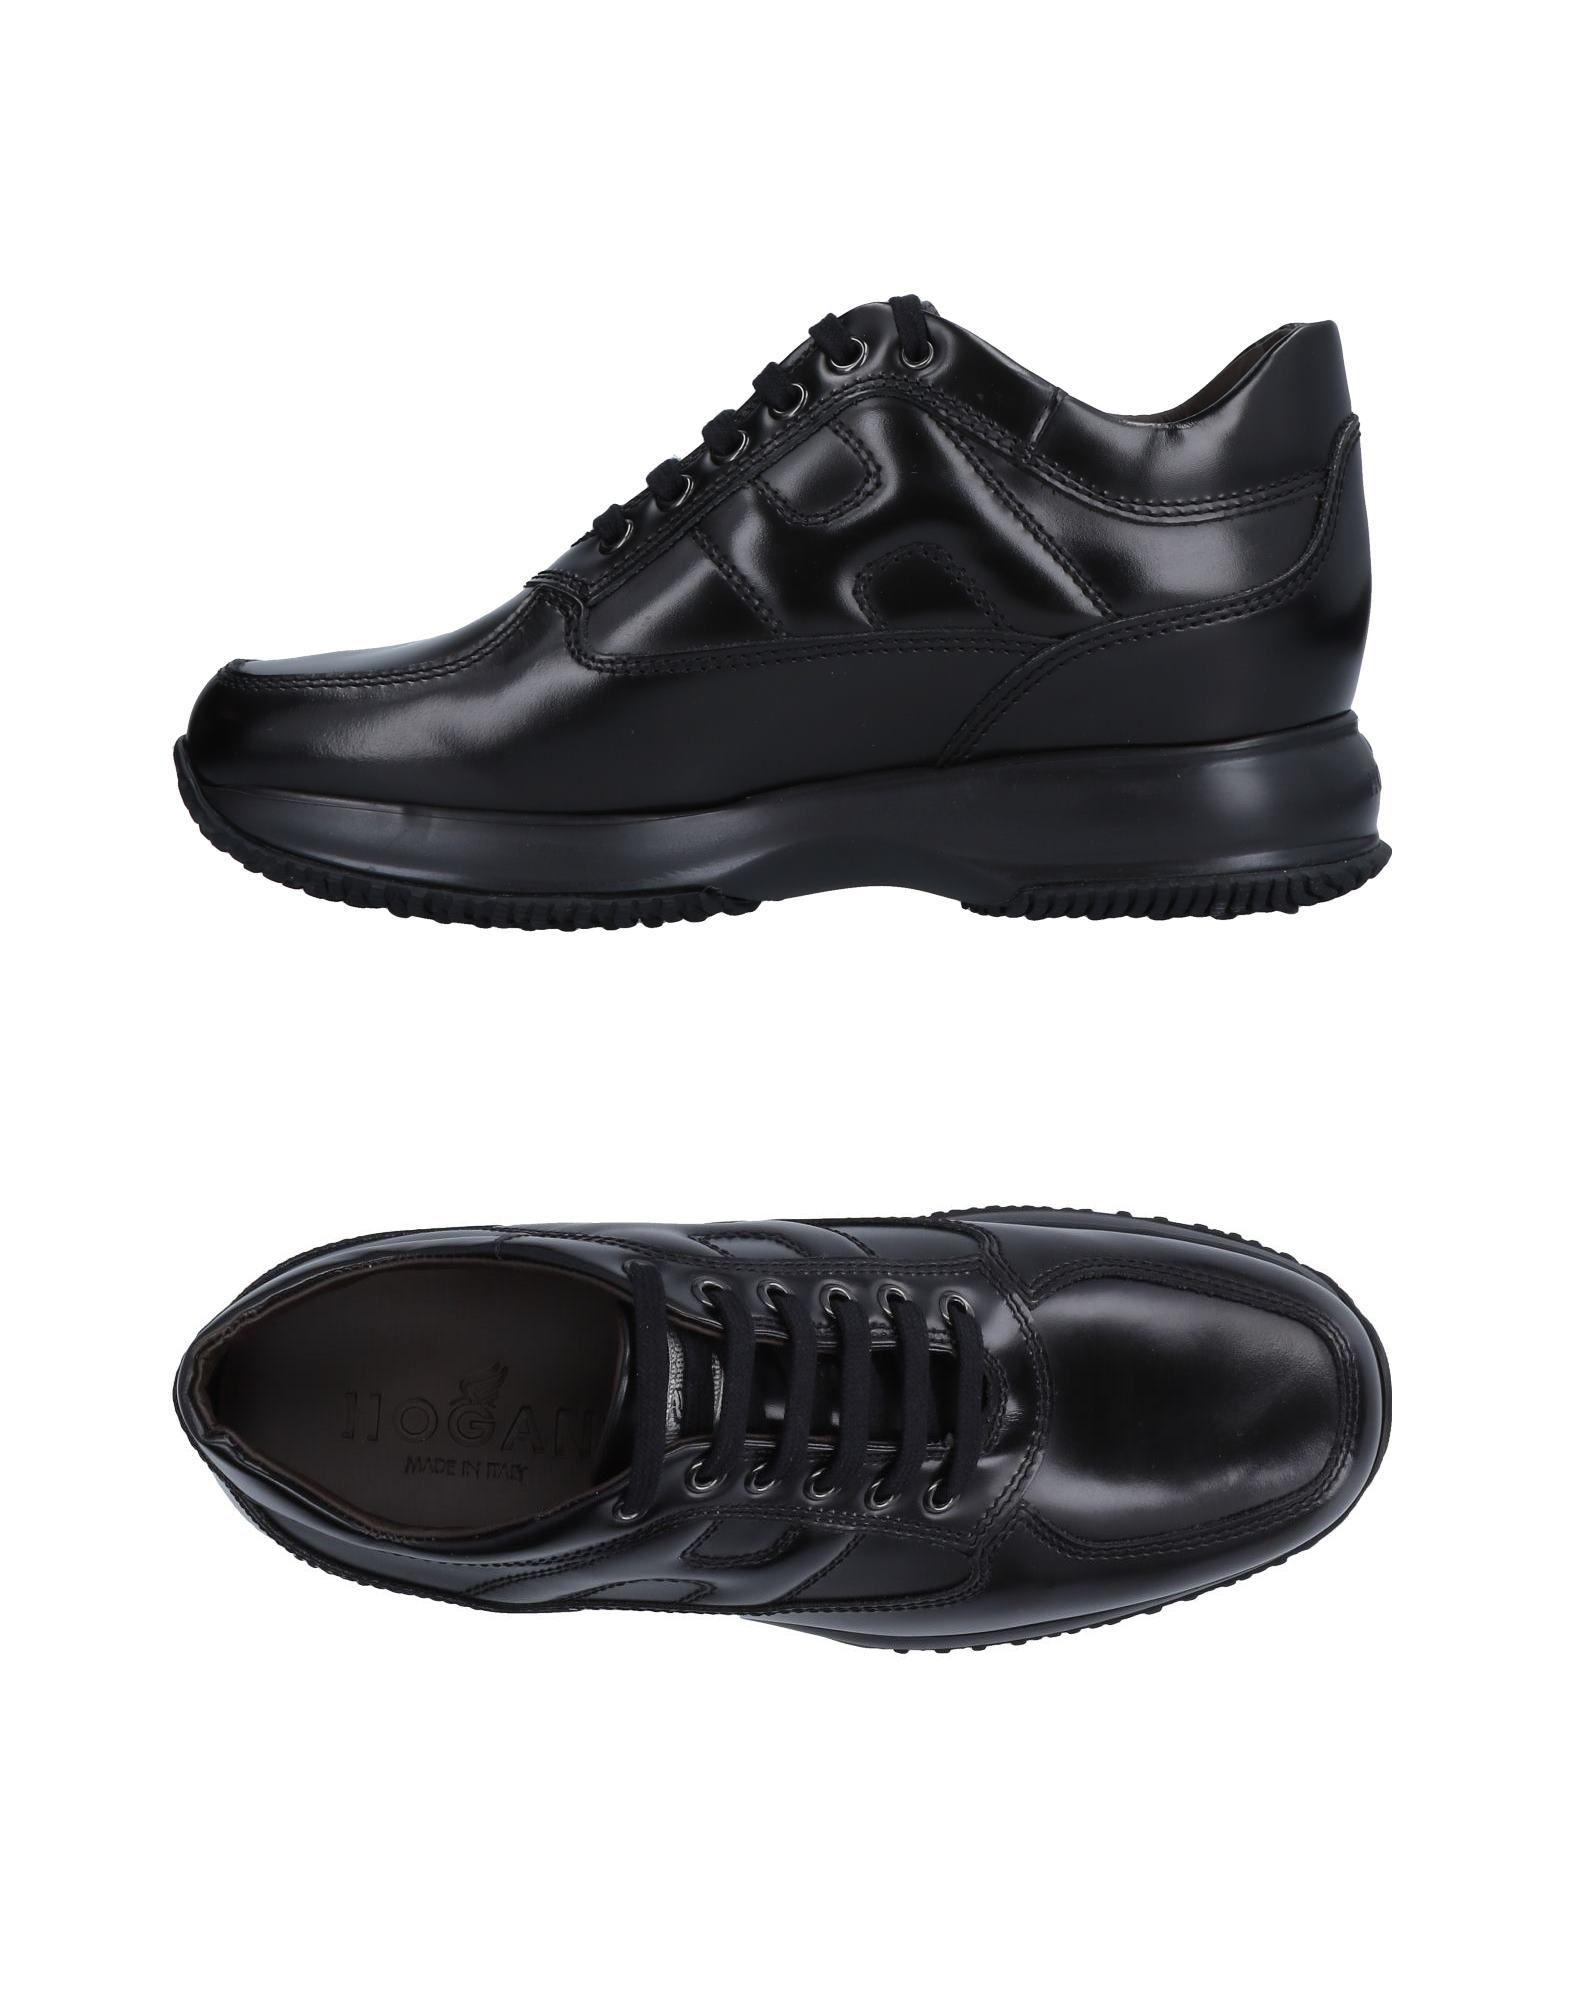 Sneakers Hogan Homme - Sneakers Hogan  Noir Nouvelles chaussures pour hommes et femmes, remise limitée dans le temps